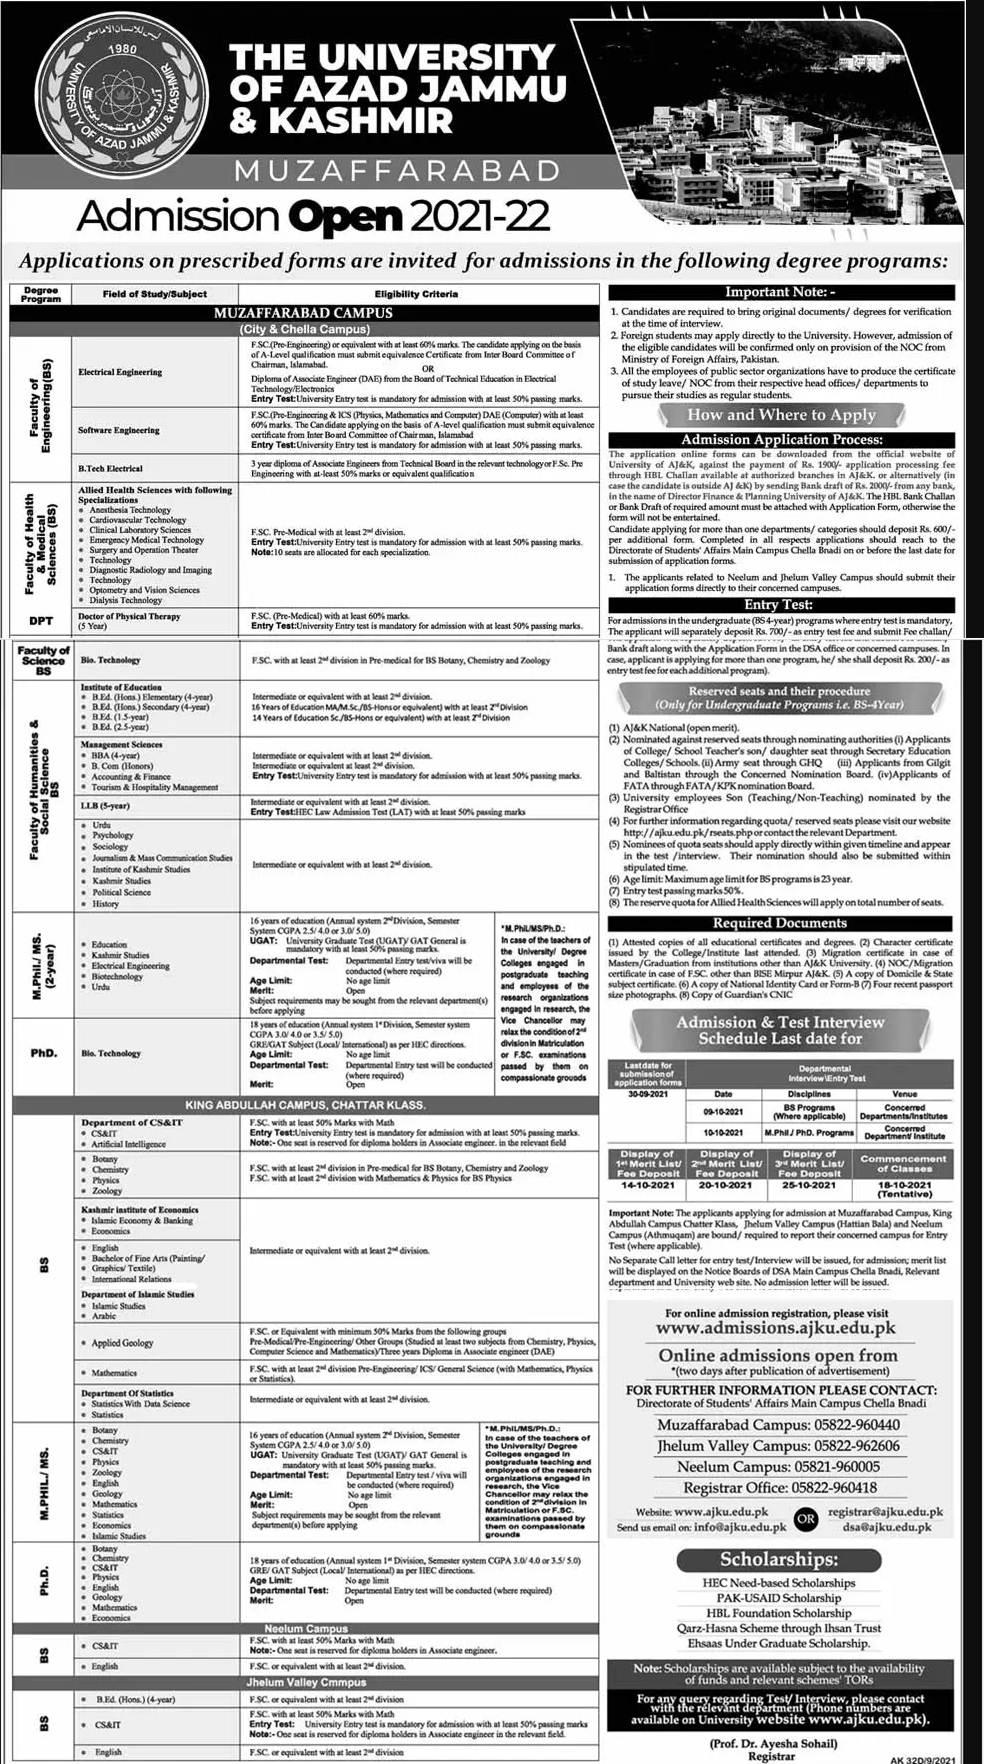 AJKU Muzaffarabad Admission 2021 Schedule, Apply Online, Merit List